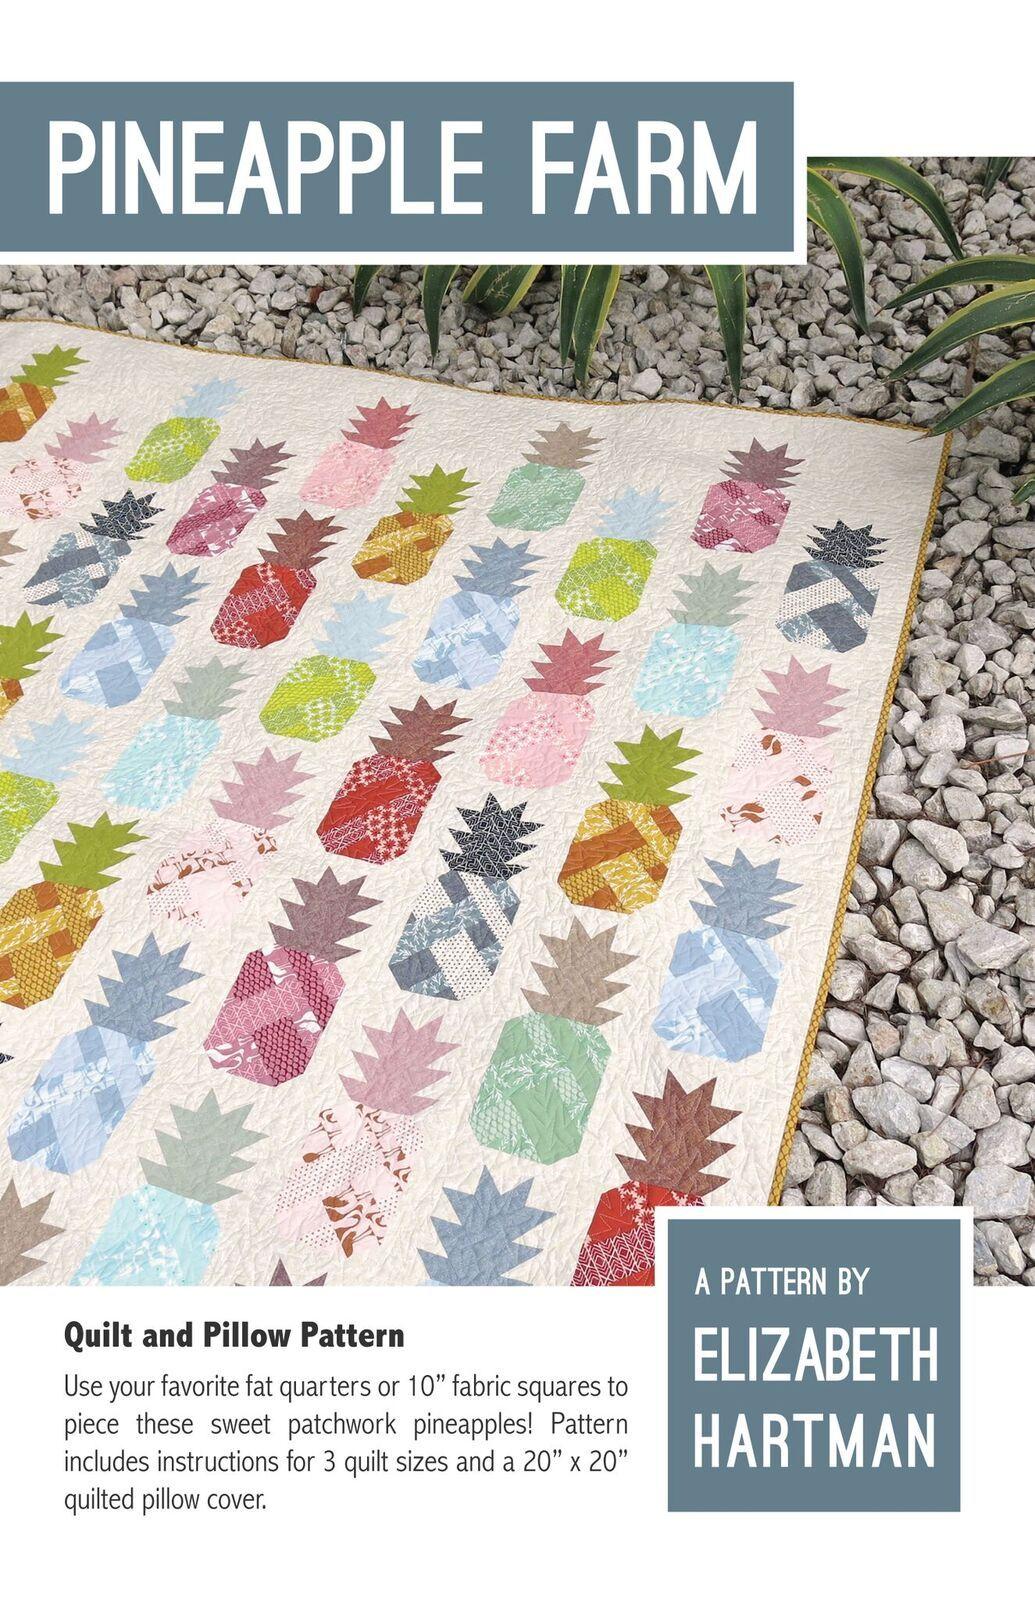 elizabeth hartman pineapple farm sewing pattern